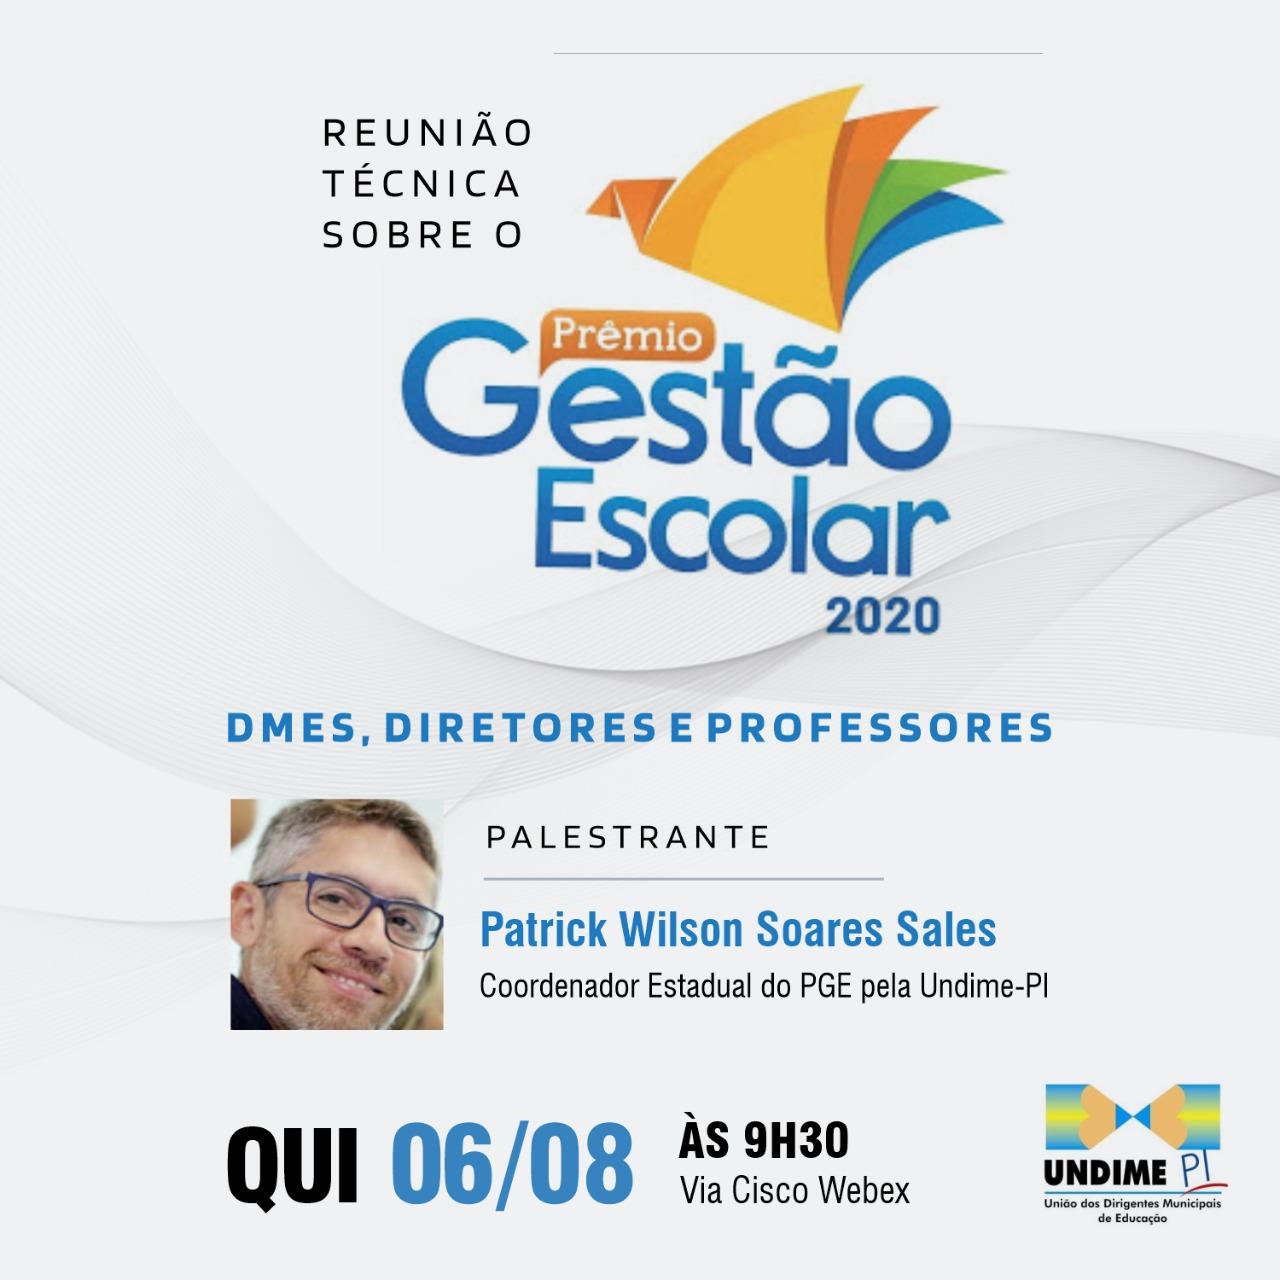 Undime-PI promove Reunião Técnica sobre o Prêmio Gestão Escolar 2020